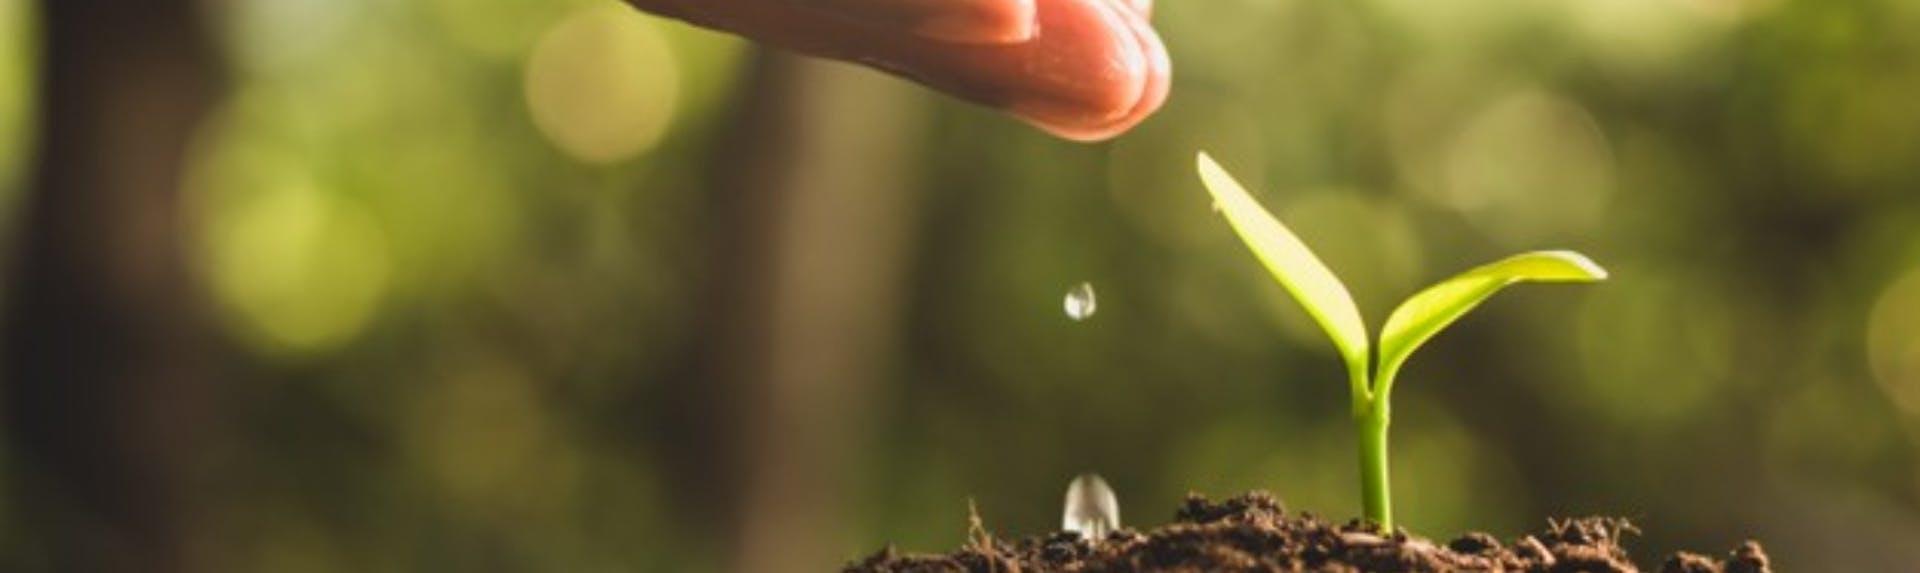 Emprendimiento ambiental: salvar al mundo también es rentable